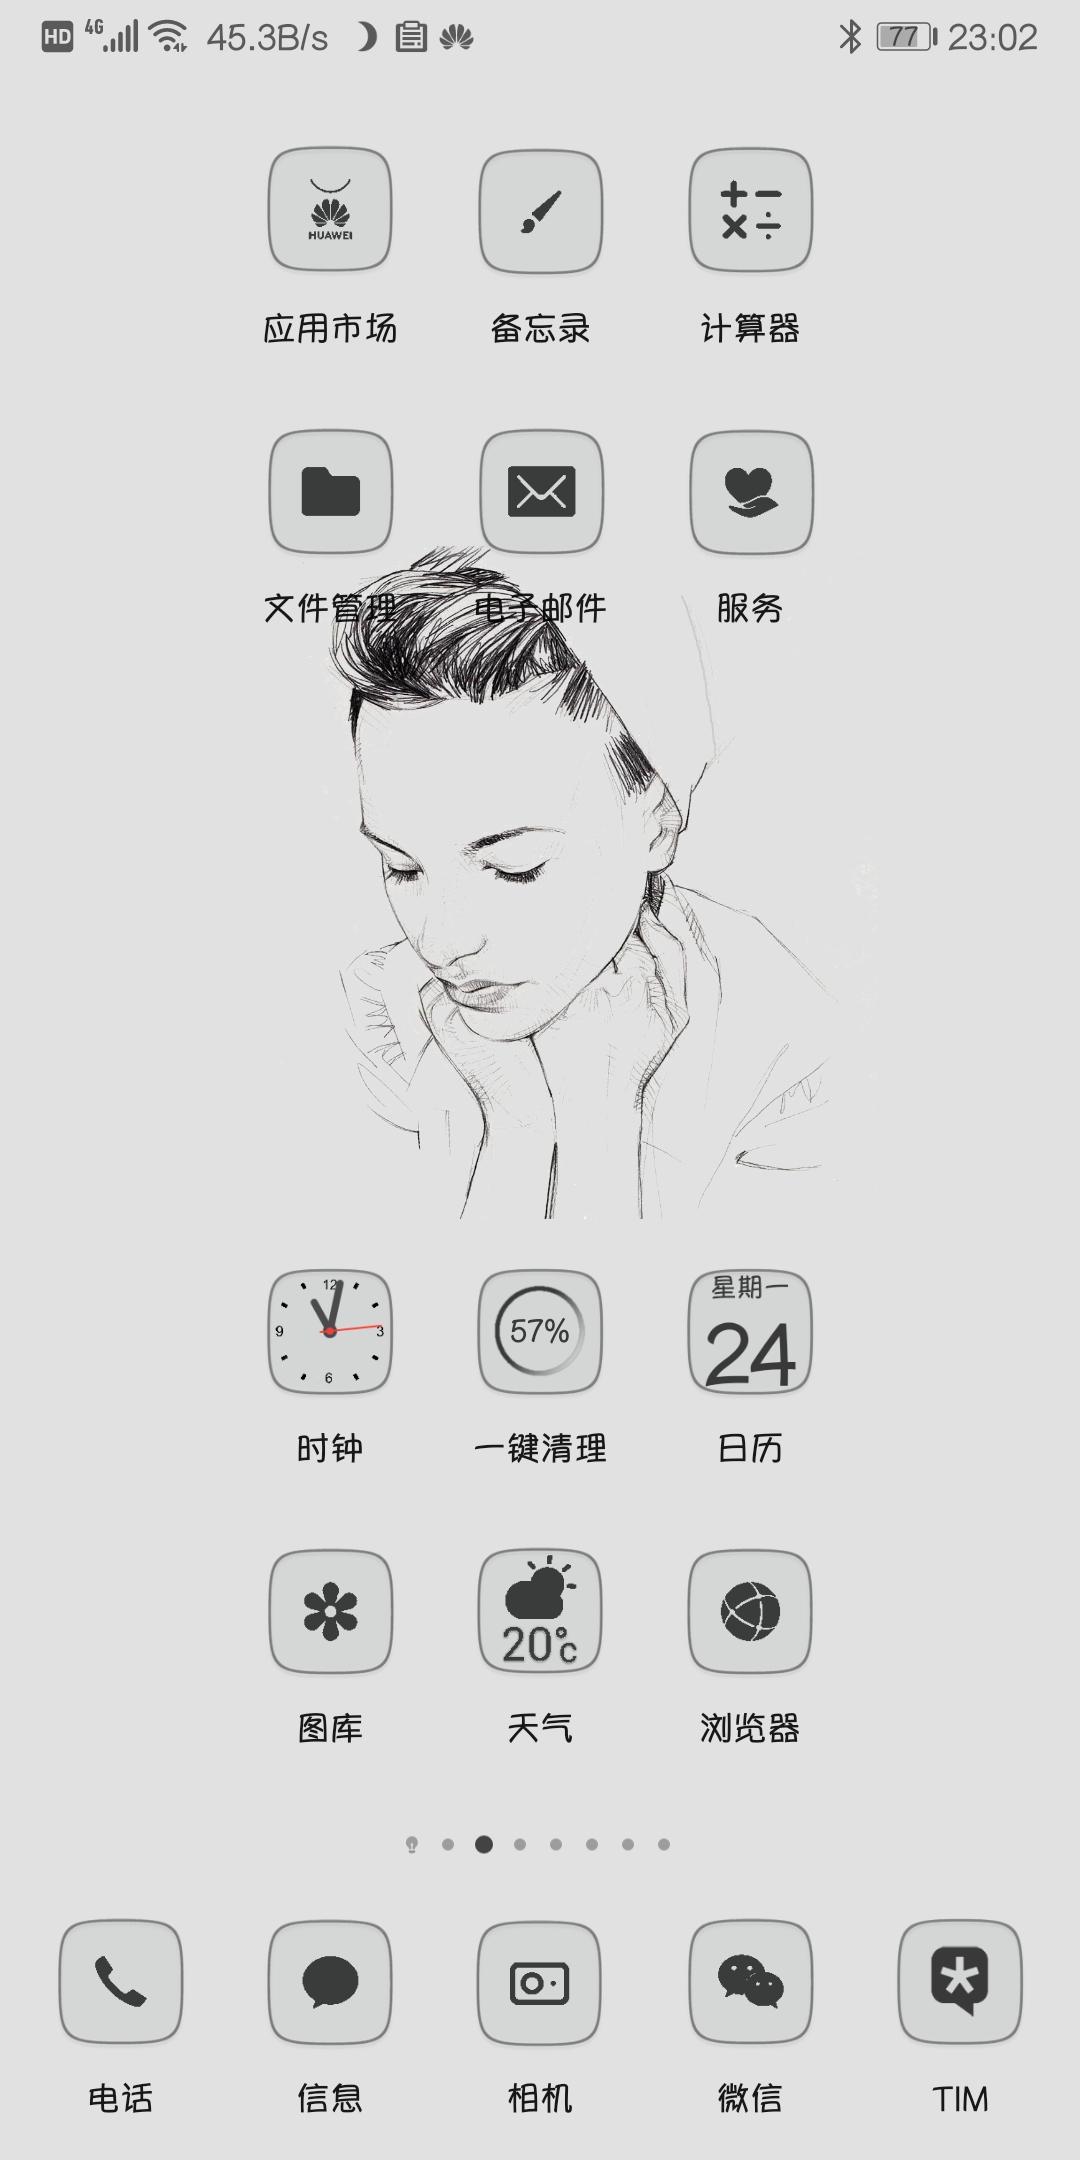 Screenshot_20200224_230215_com.huawei.android.launcher.jpg